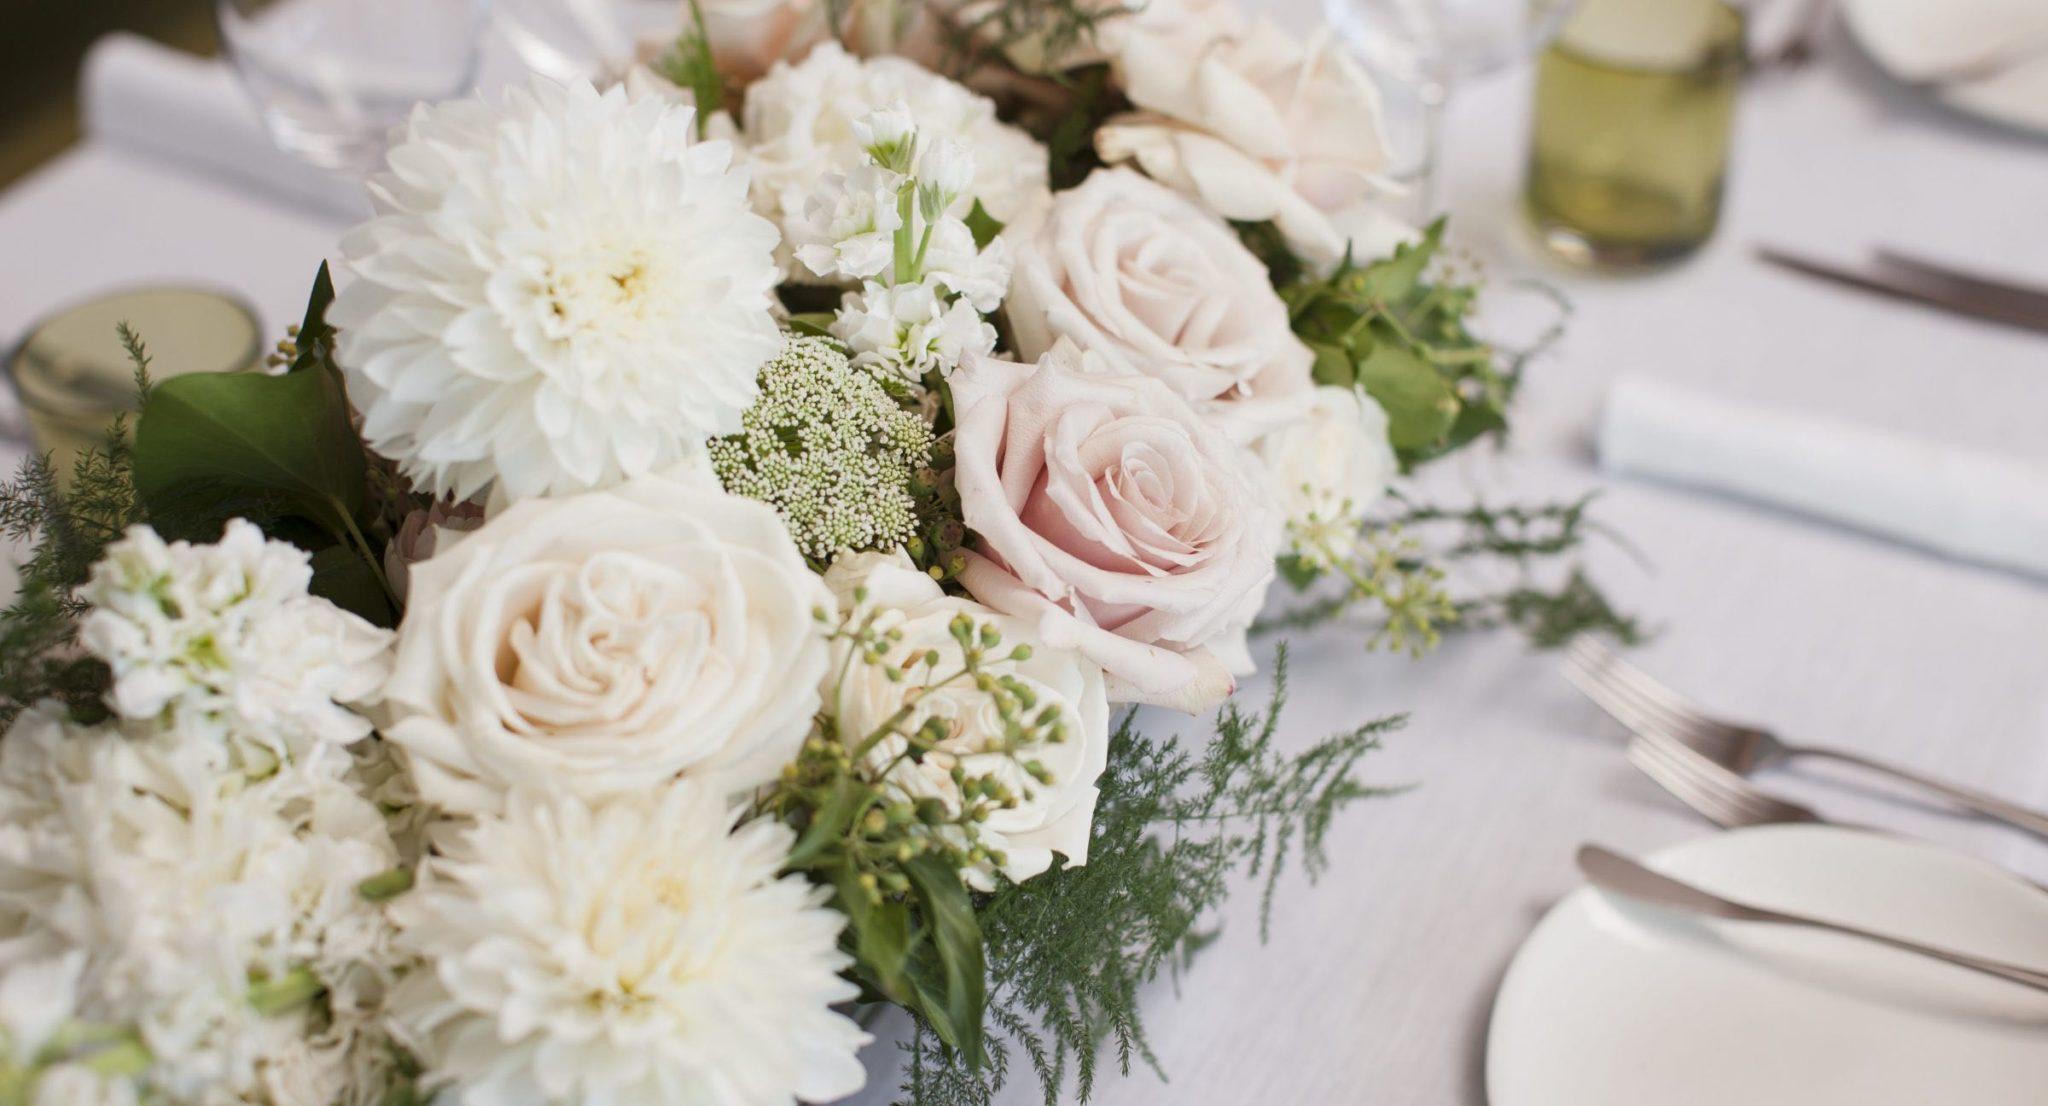 Wildflower table settings